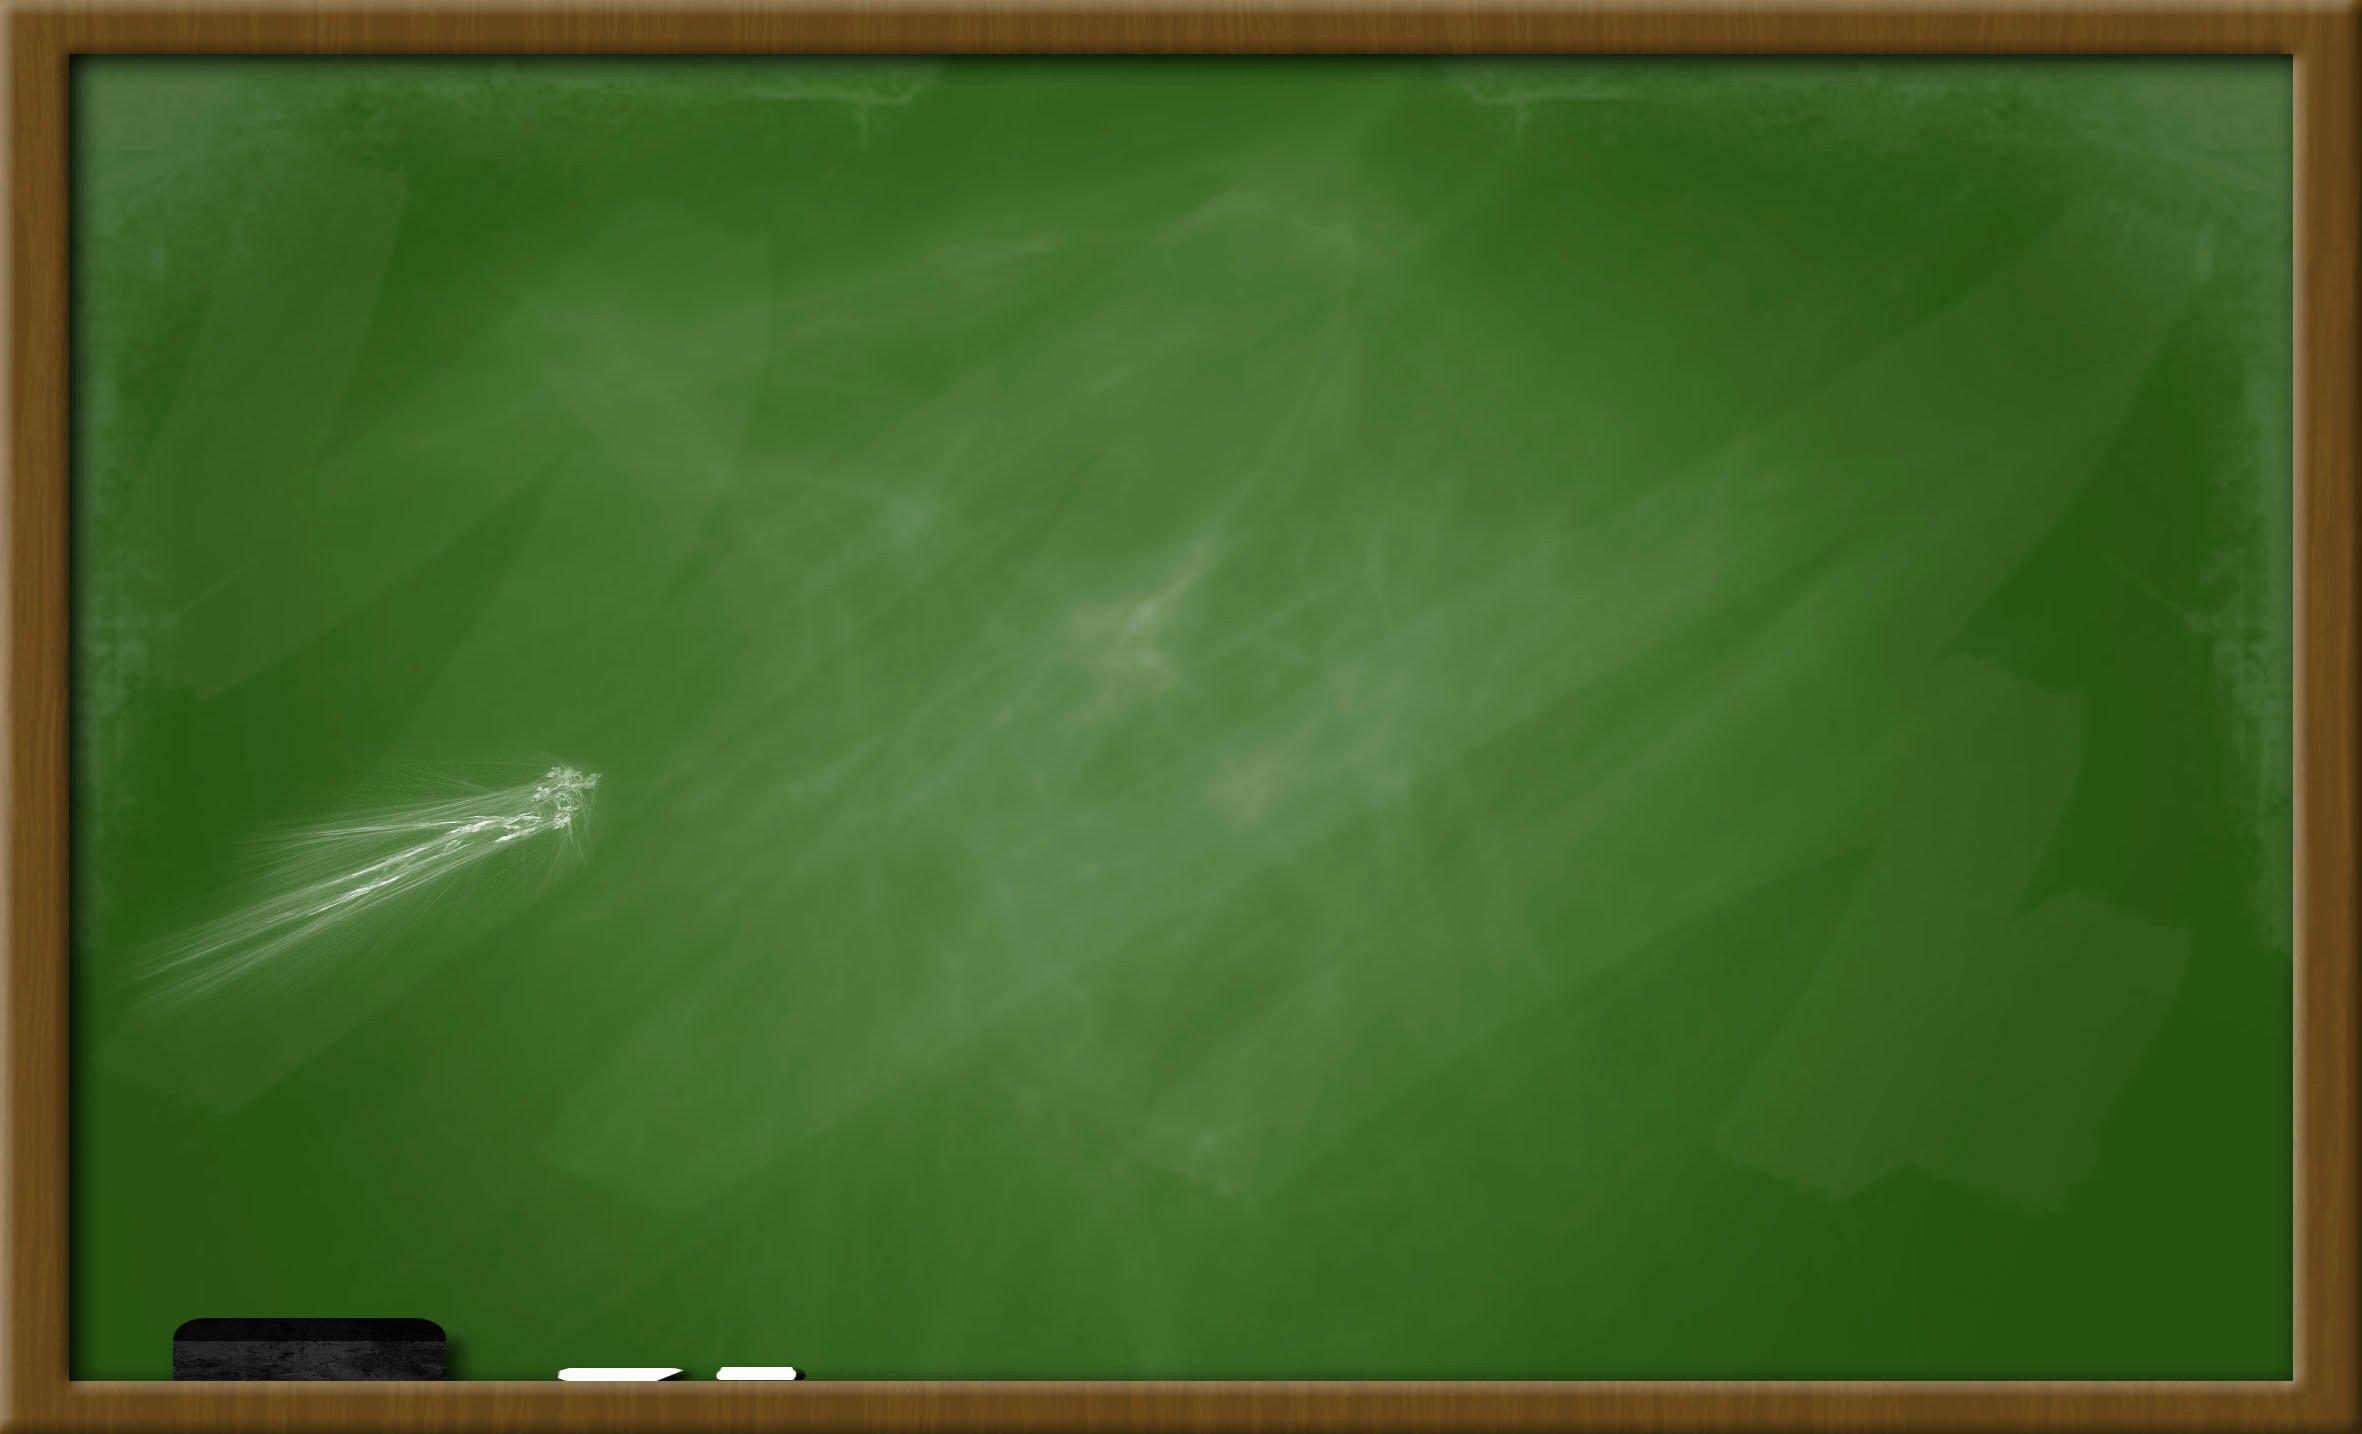 Chalkboard Powerpoint Template Free Beautiful Chalkboard Backgrounds Free Download